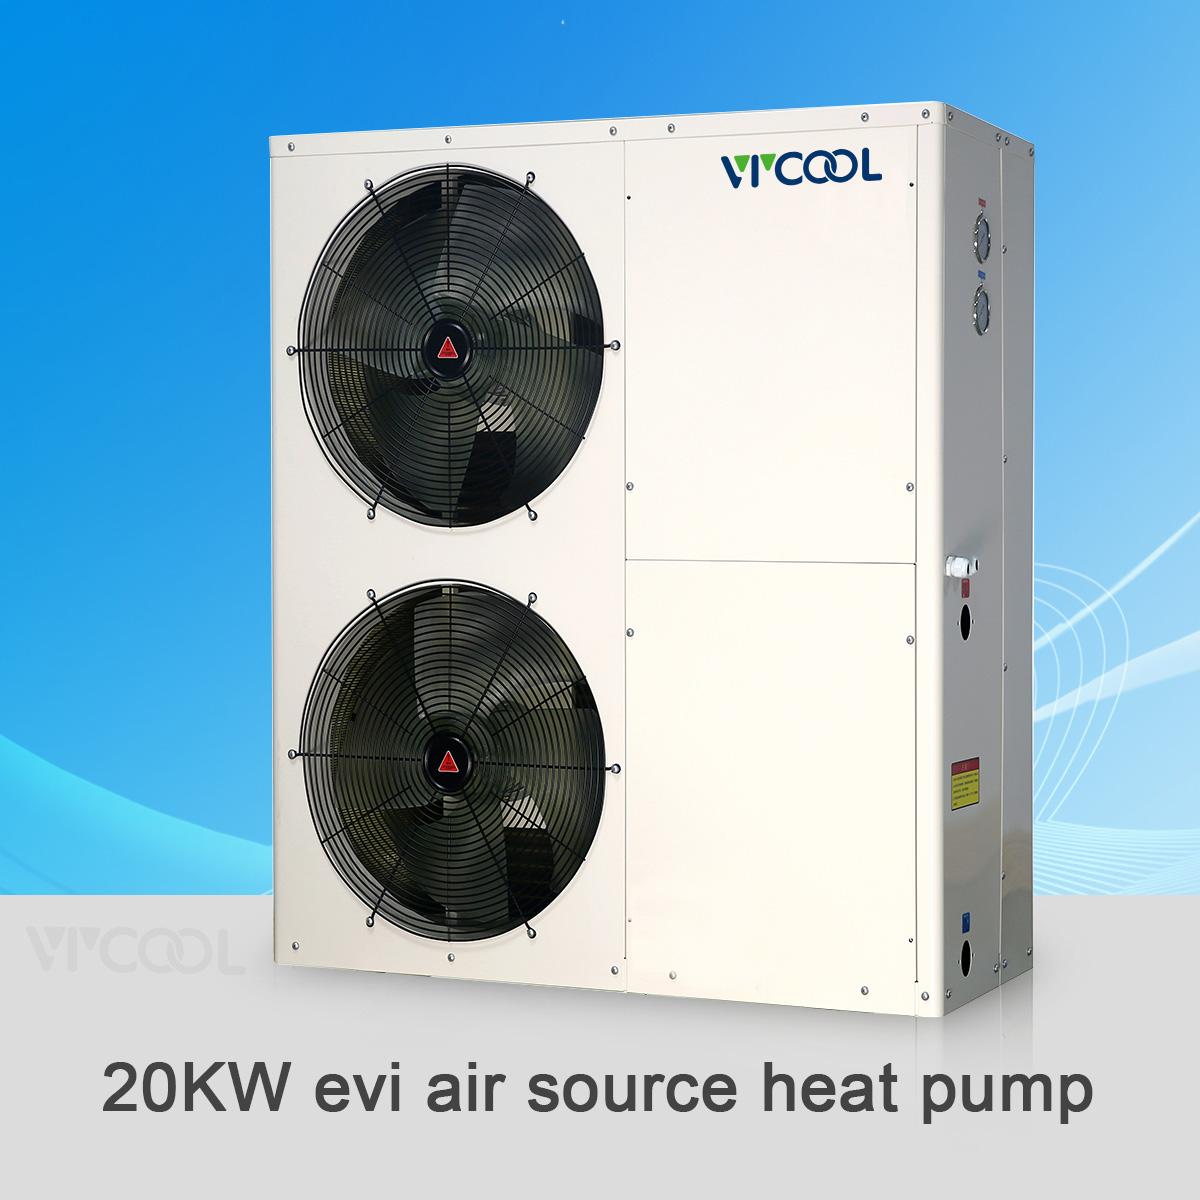 V-COOL evi air water heat pump